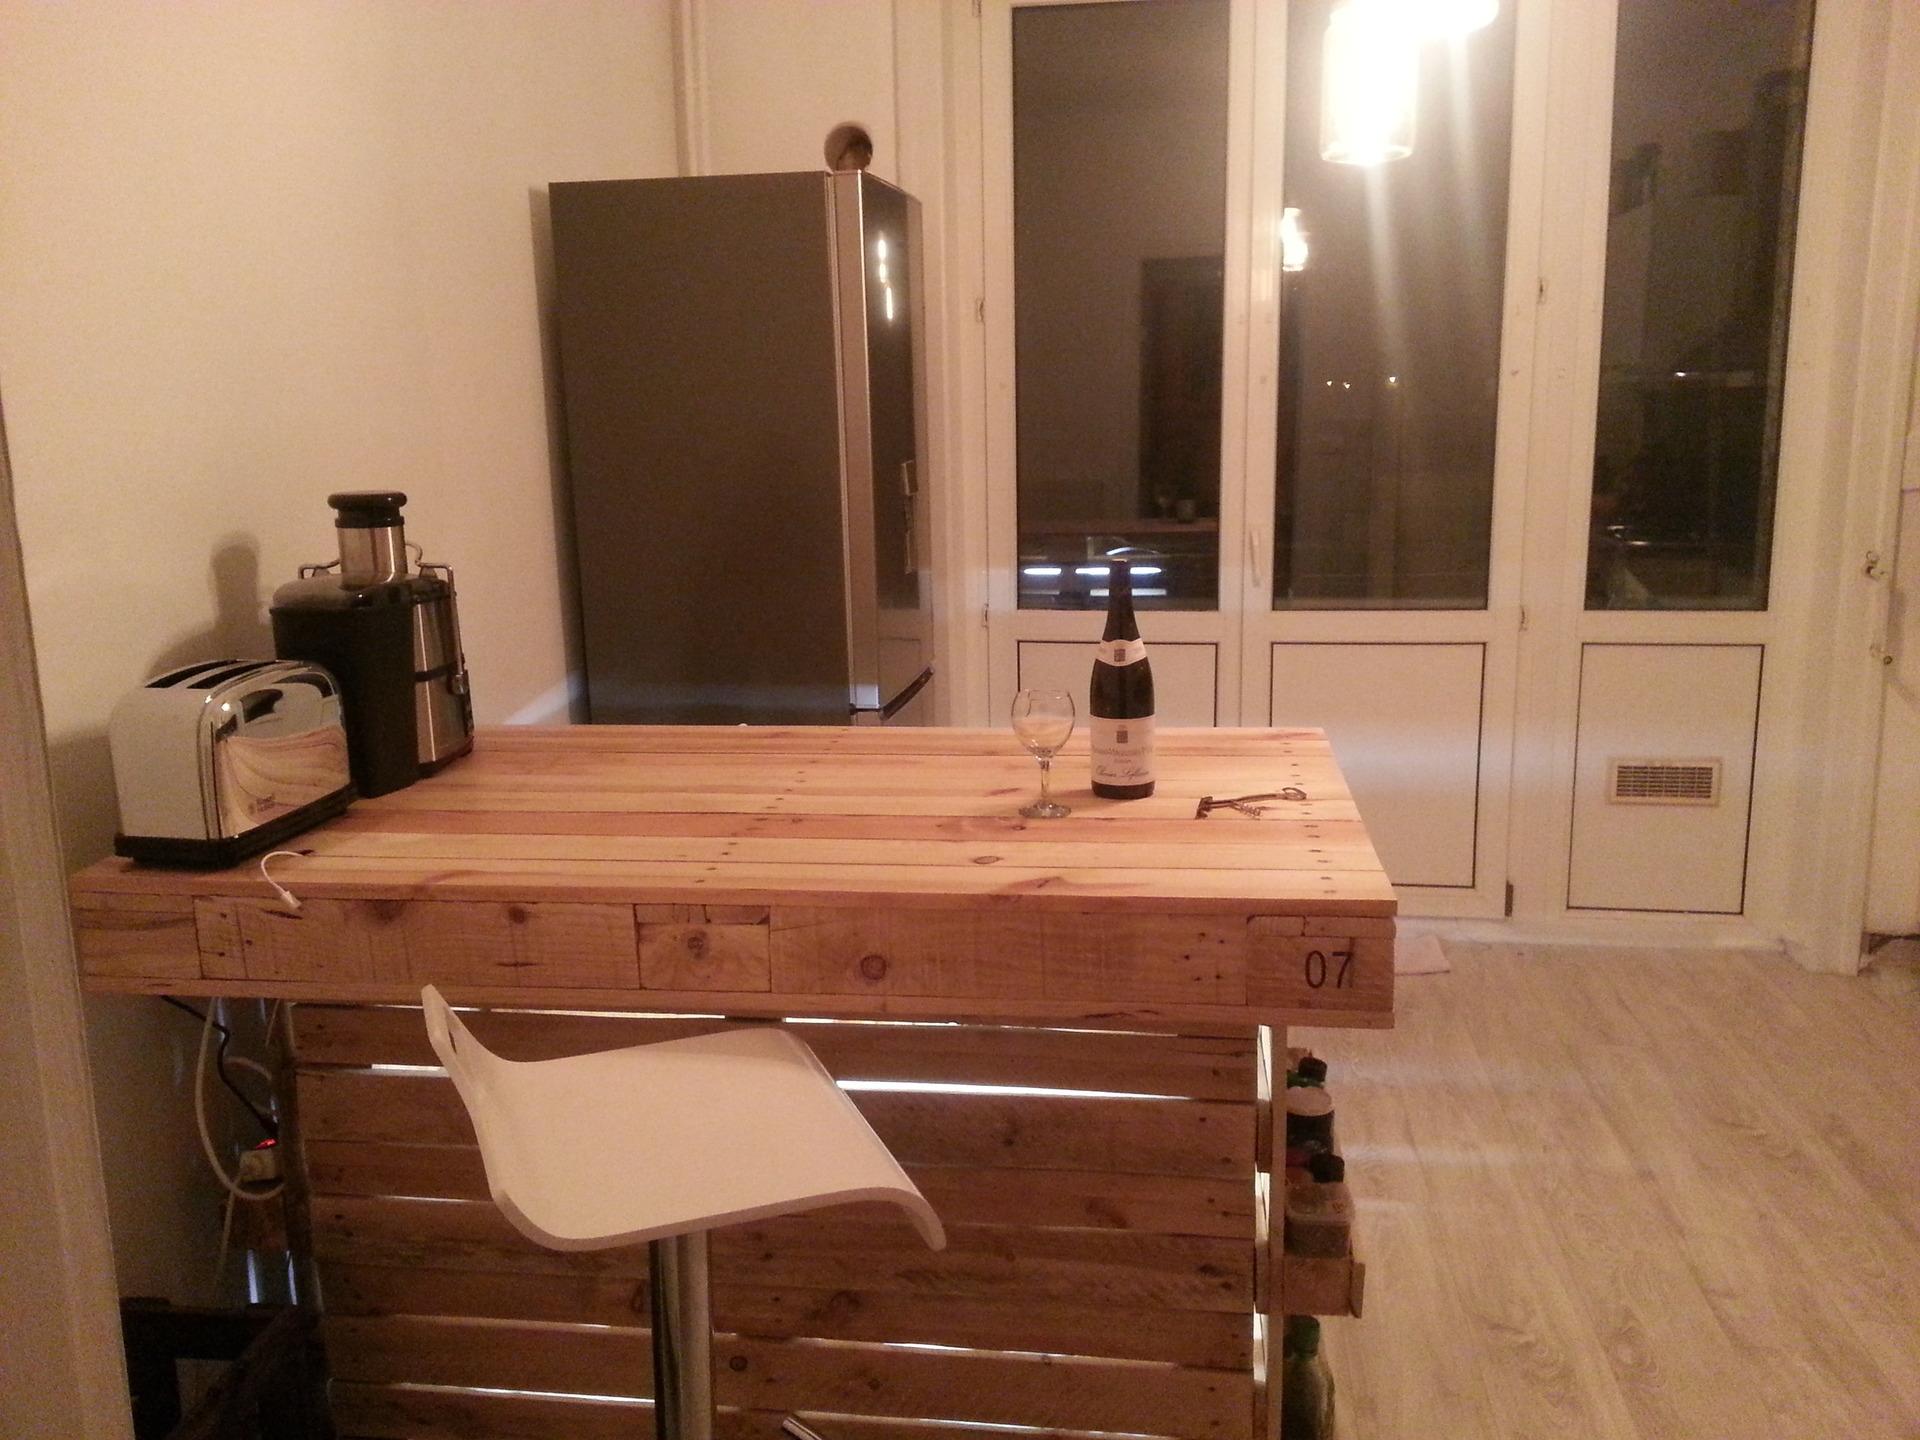 Fabriquer Un Ilot Central Table Beau Collection Ides Dimages De Fabriquer Ilot Central Bar